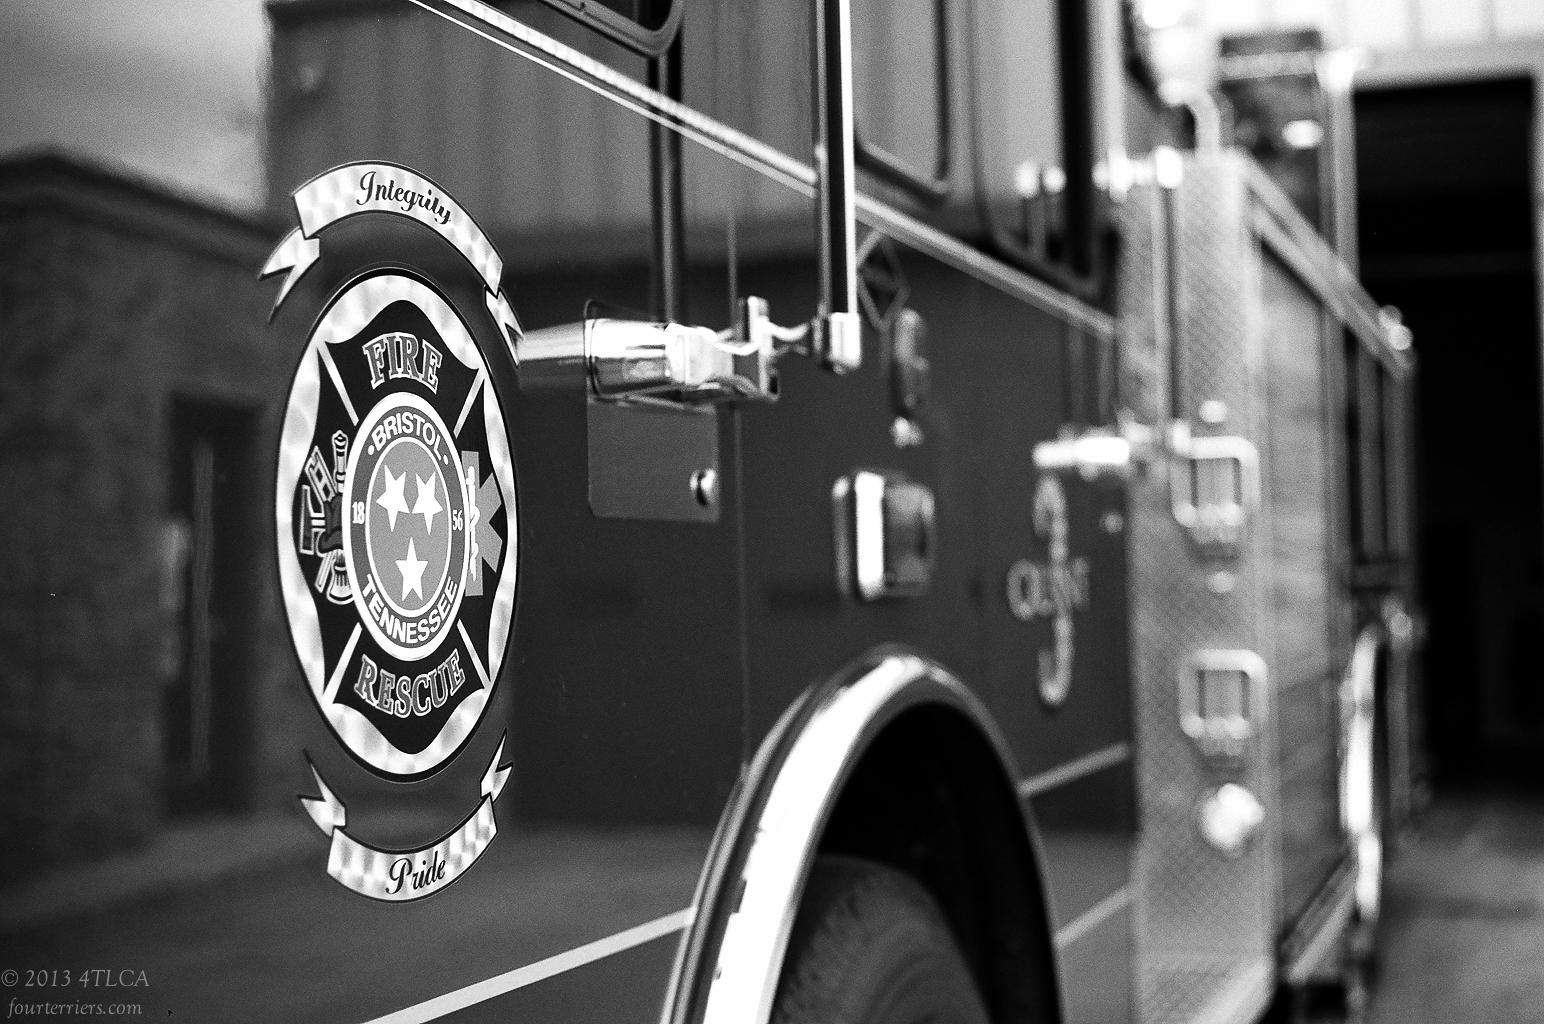 Fire - Rescue